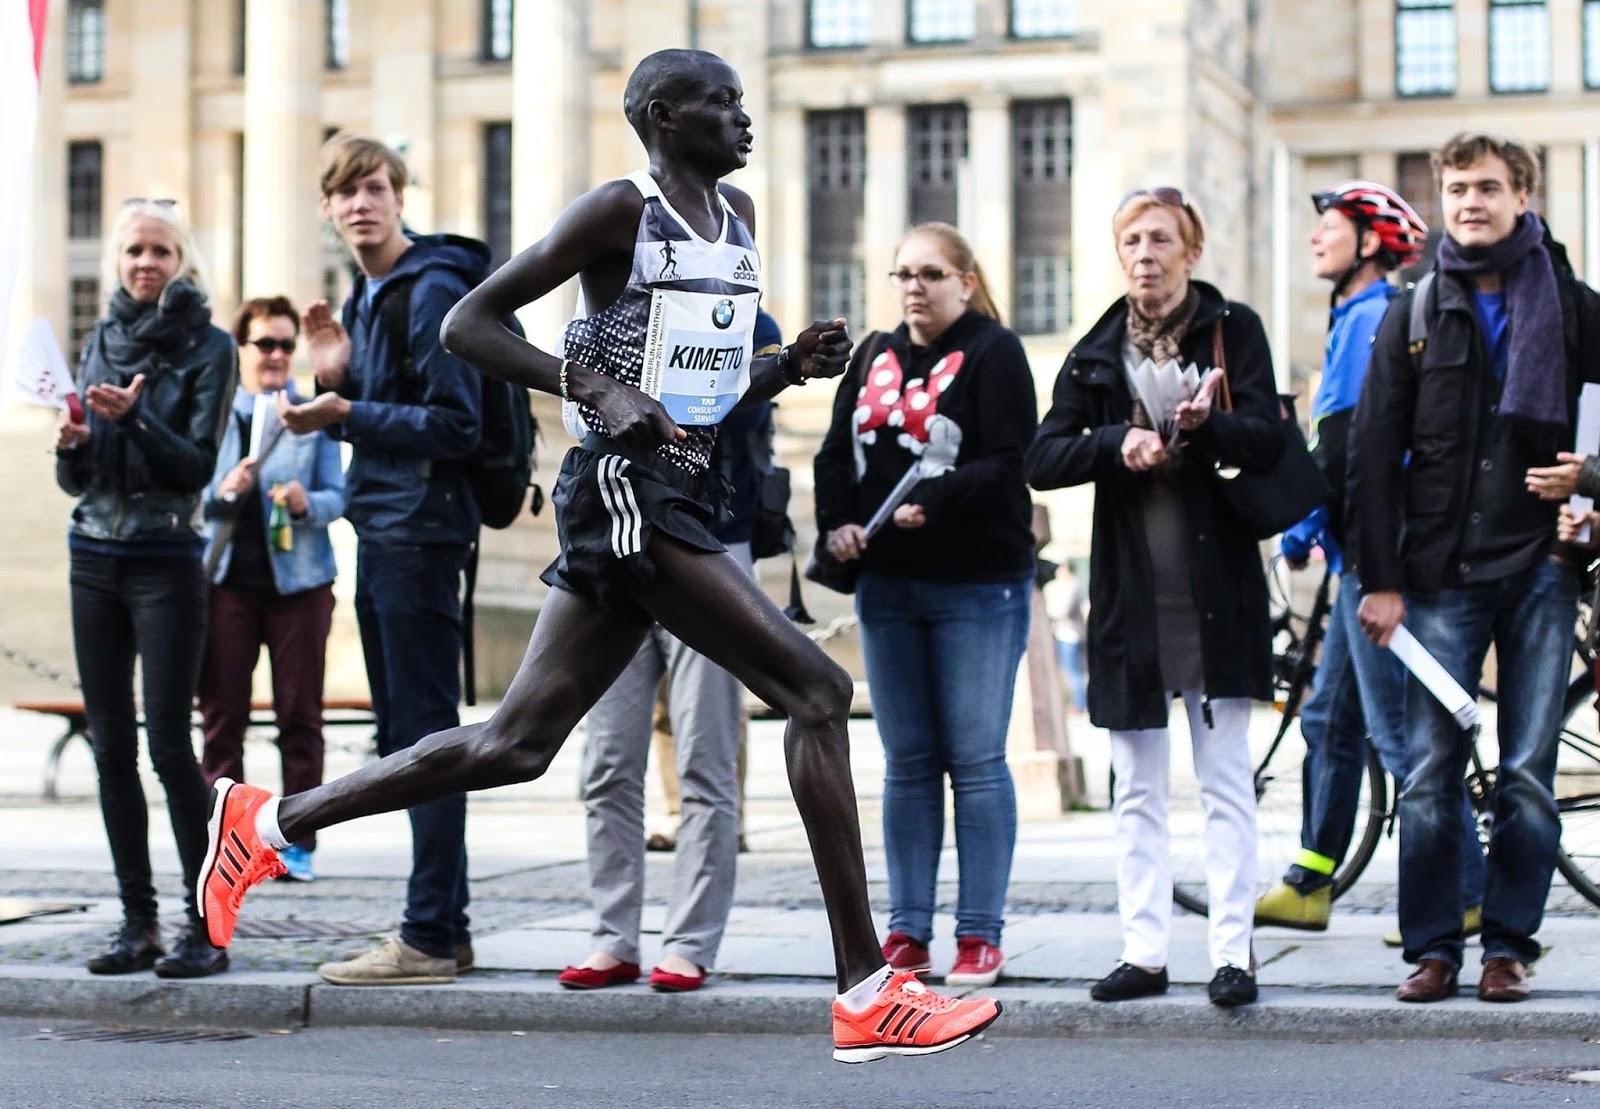 8da284c1ad ... obtido pelo queniano Dennis Kimetto – atleta patrocinado pela Adidas –  em 2014 na Maratona de Berlim